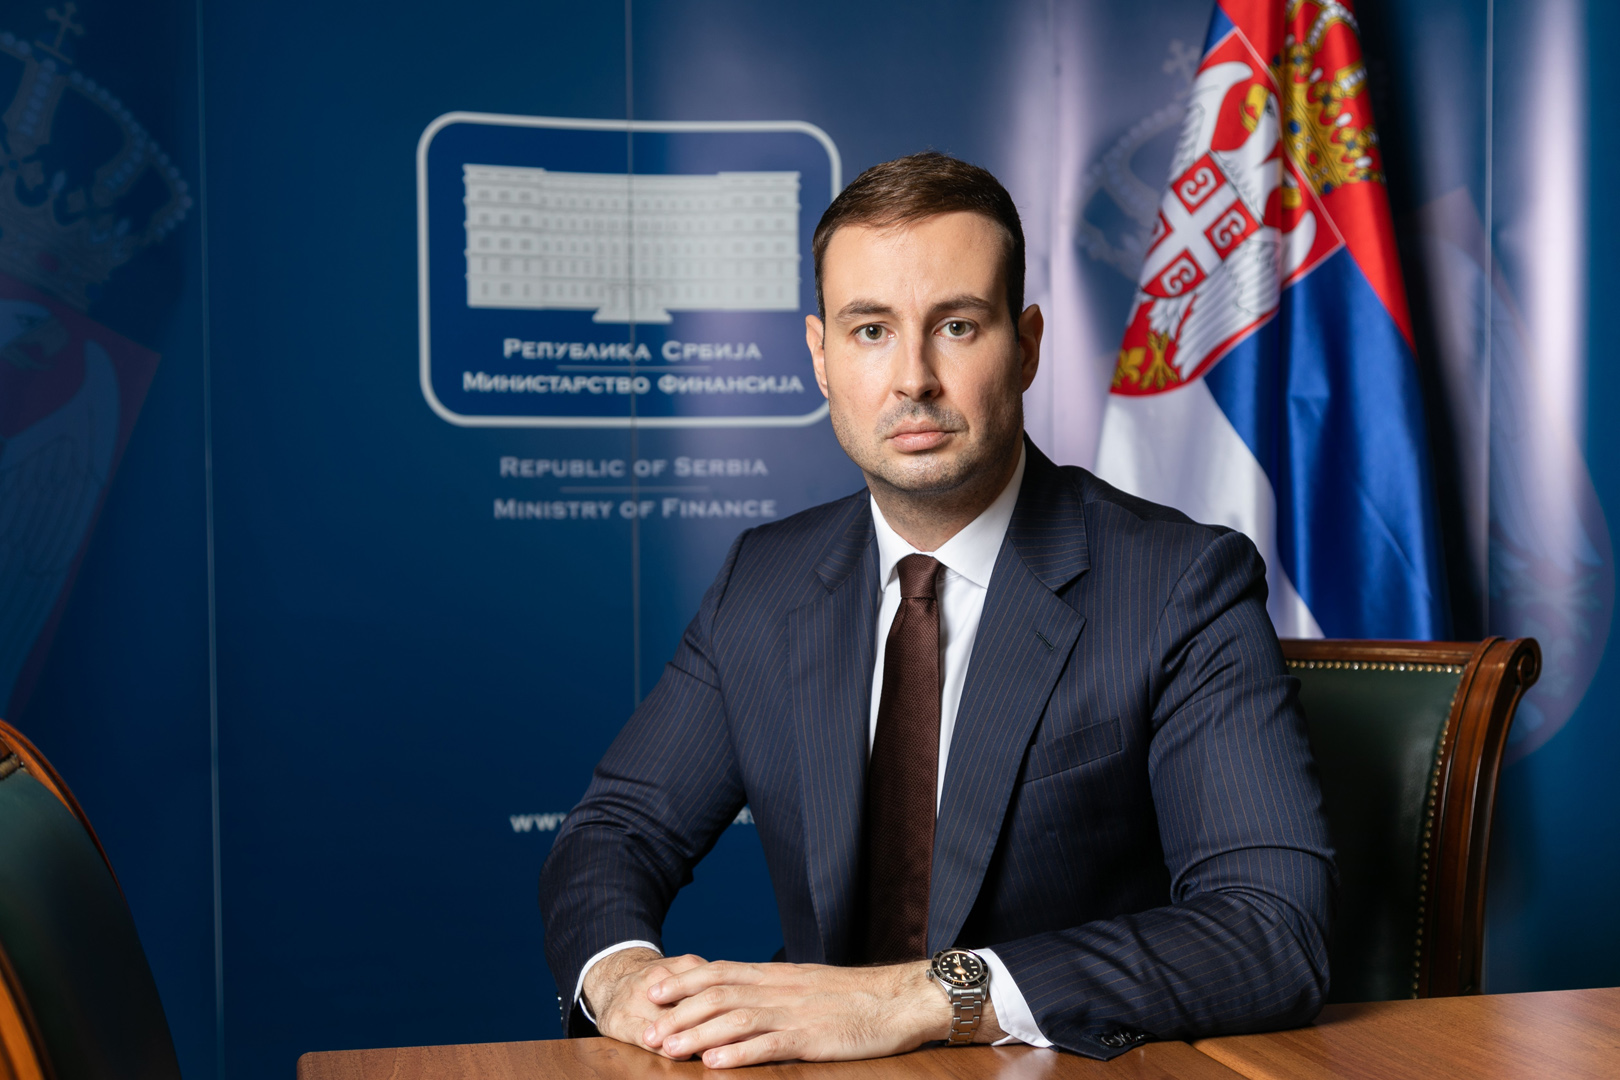 Станивуковић: Србија се успешно бори са економским и здравственим изазовима